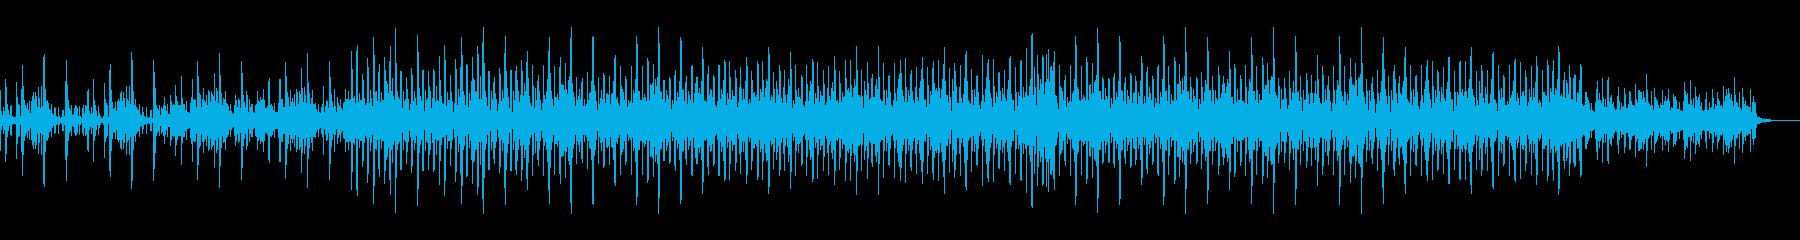 ピアノフレーズの爽やかオープニング曲の再生済みの波形